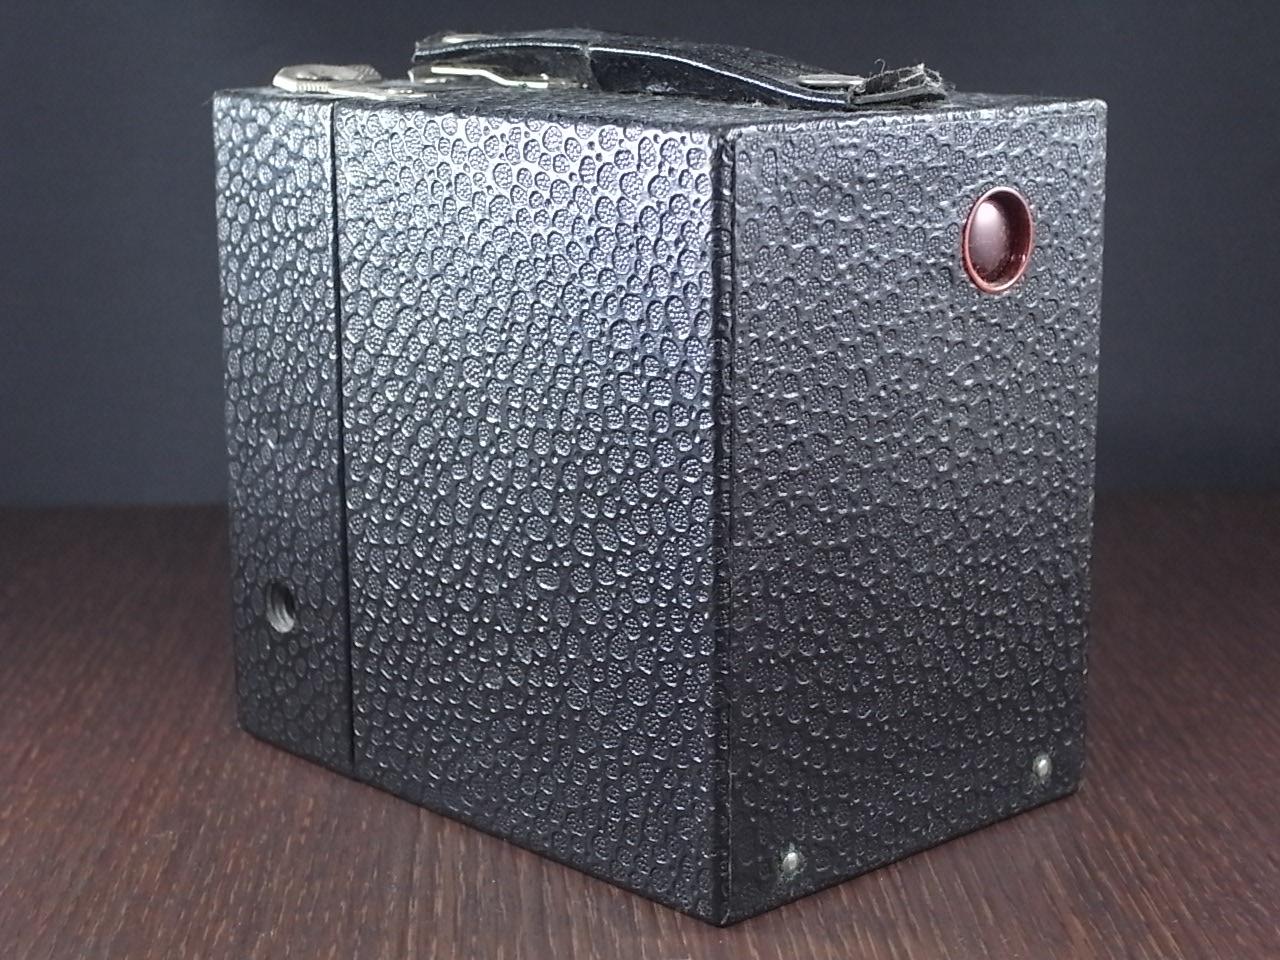 コダック No.2 ブローニー アールデコカメラ ブラックの写真3枚目